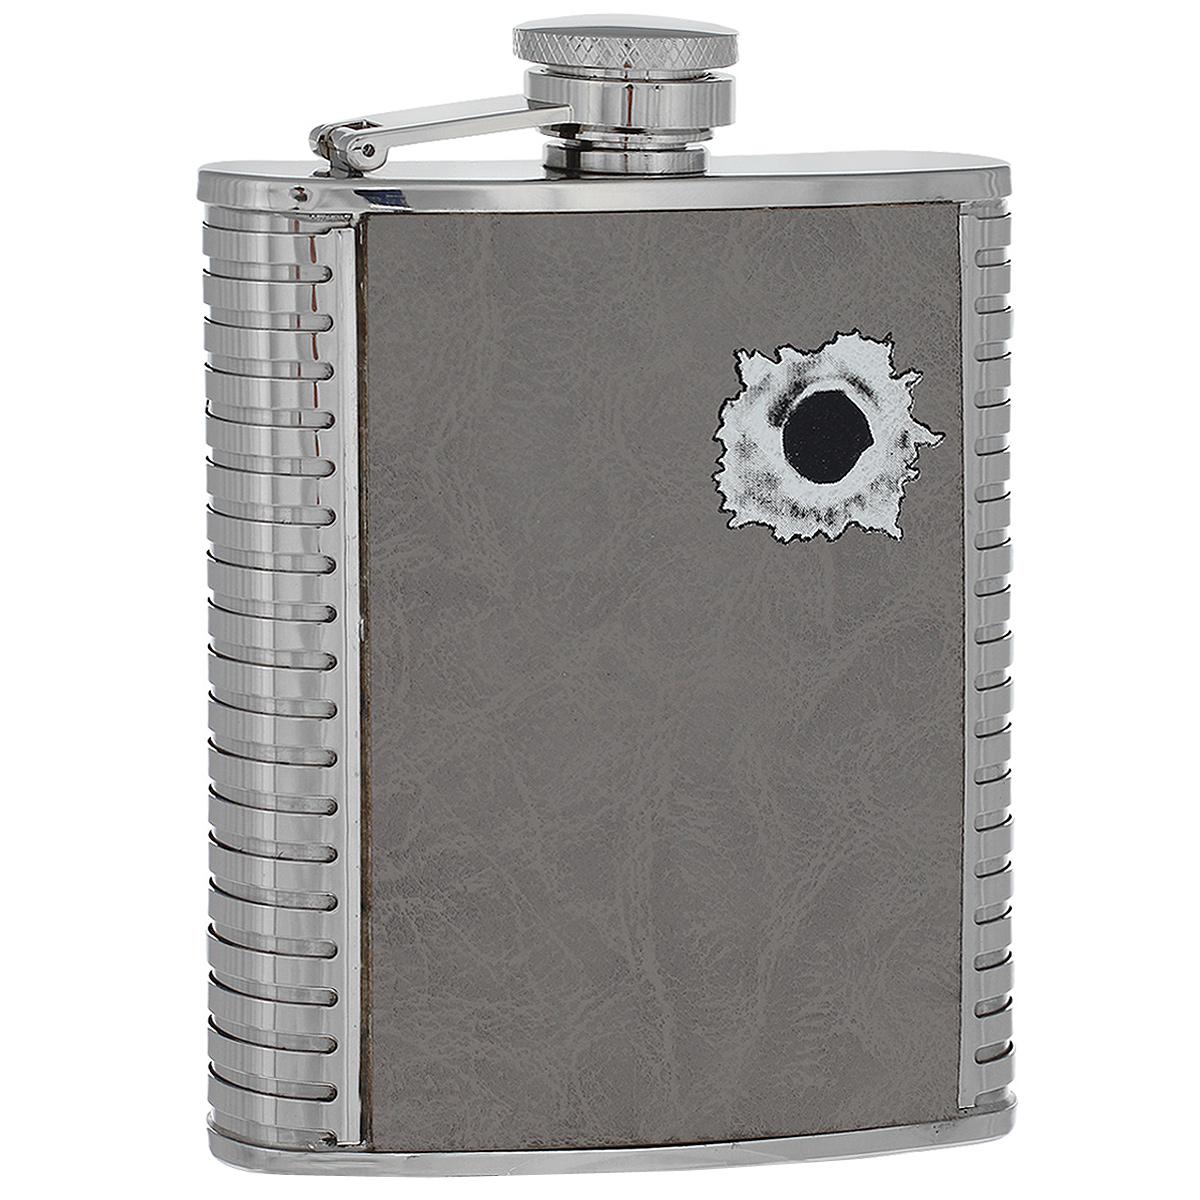 Фляга S.Quire Пуля, 240 мл1508YGB-7-BФляга S.Quire изготовлена из нержавеющей стали 18/10 и оформлена вставкой из искусственной кожи серого цвета с рисунком в виде дырки от пули. Фляга специально предназначена для хранения алкогольных напитков. Ее нельзя использовать для напитков, содержащих кислоту, таких как сок и сердечные лекарства. Крышка плотно закрывается, предотвращая проливание. Фляга S.Quire - идеальный подарок для настоящих мужчин. Стильный дизайн, компактность и качество изделия, несомненно, порадуют любого мужчину.